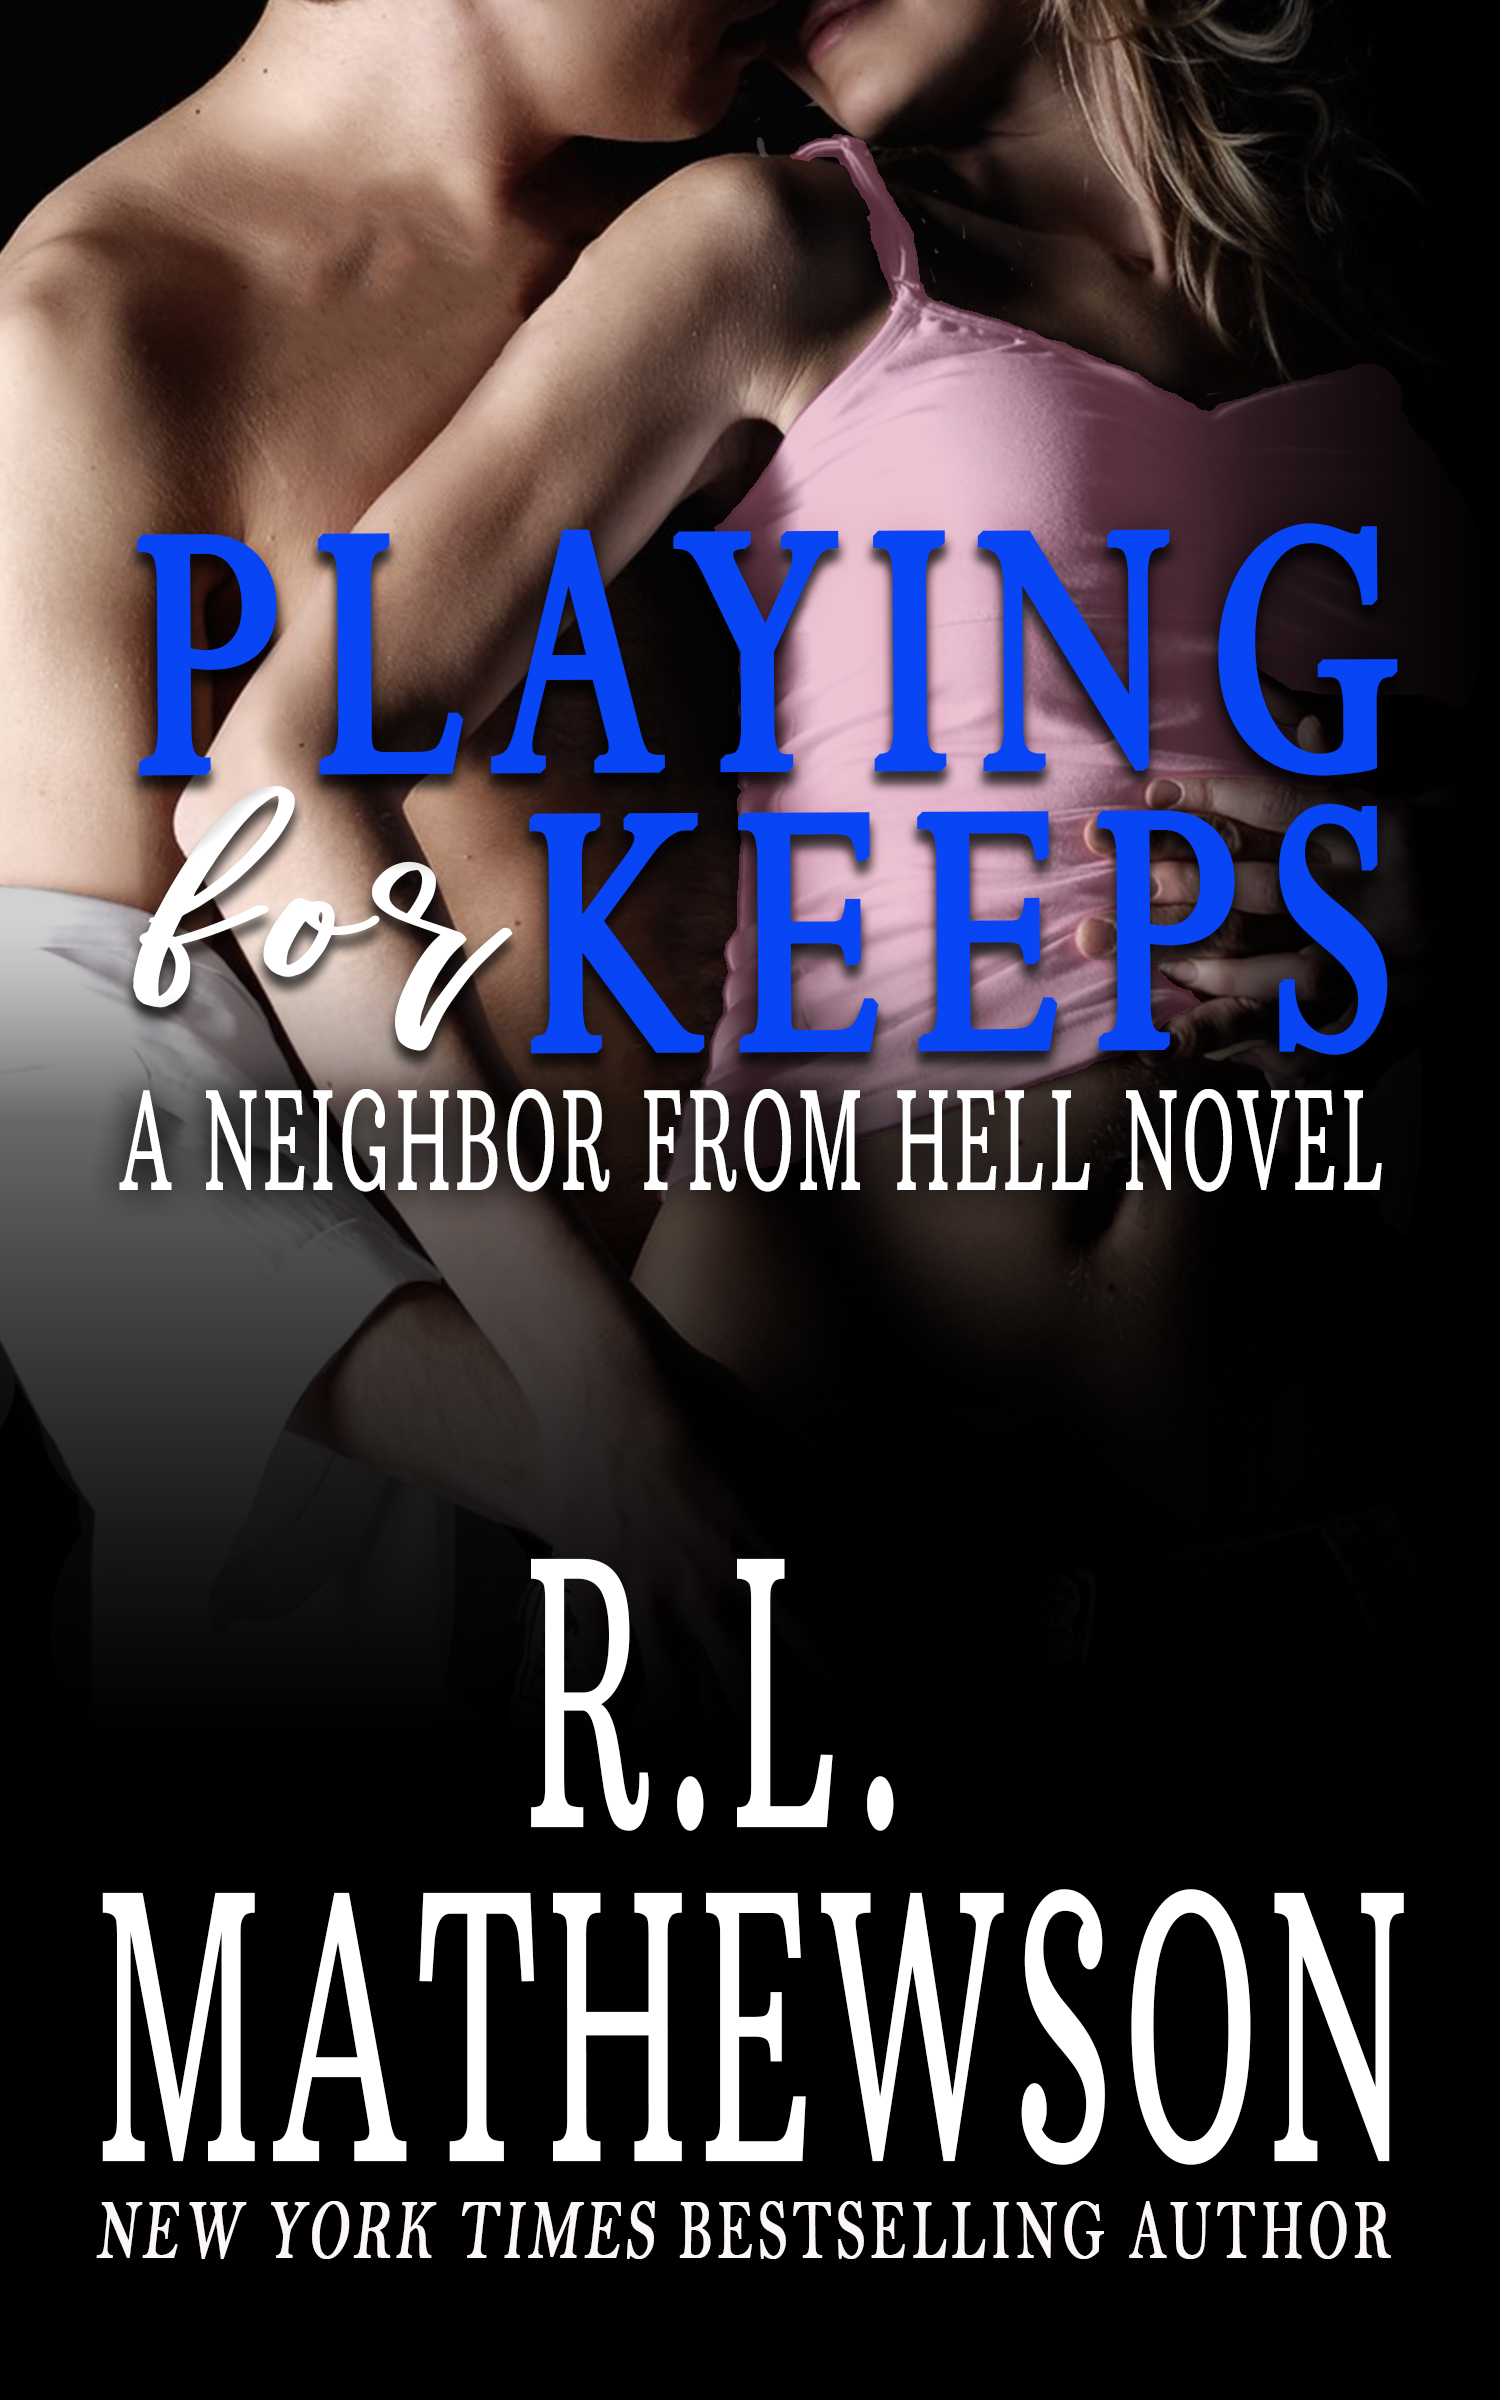 Mathewson the download game epub plan rl